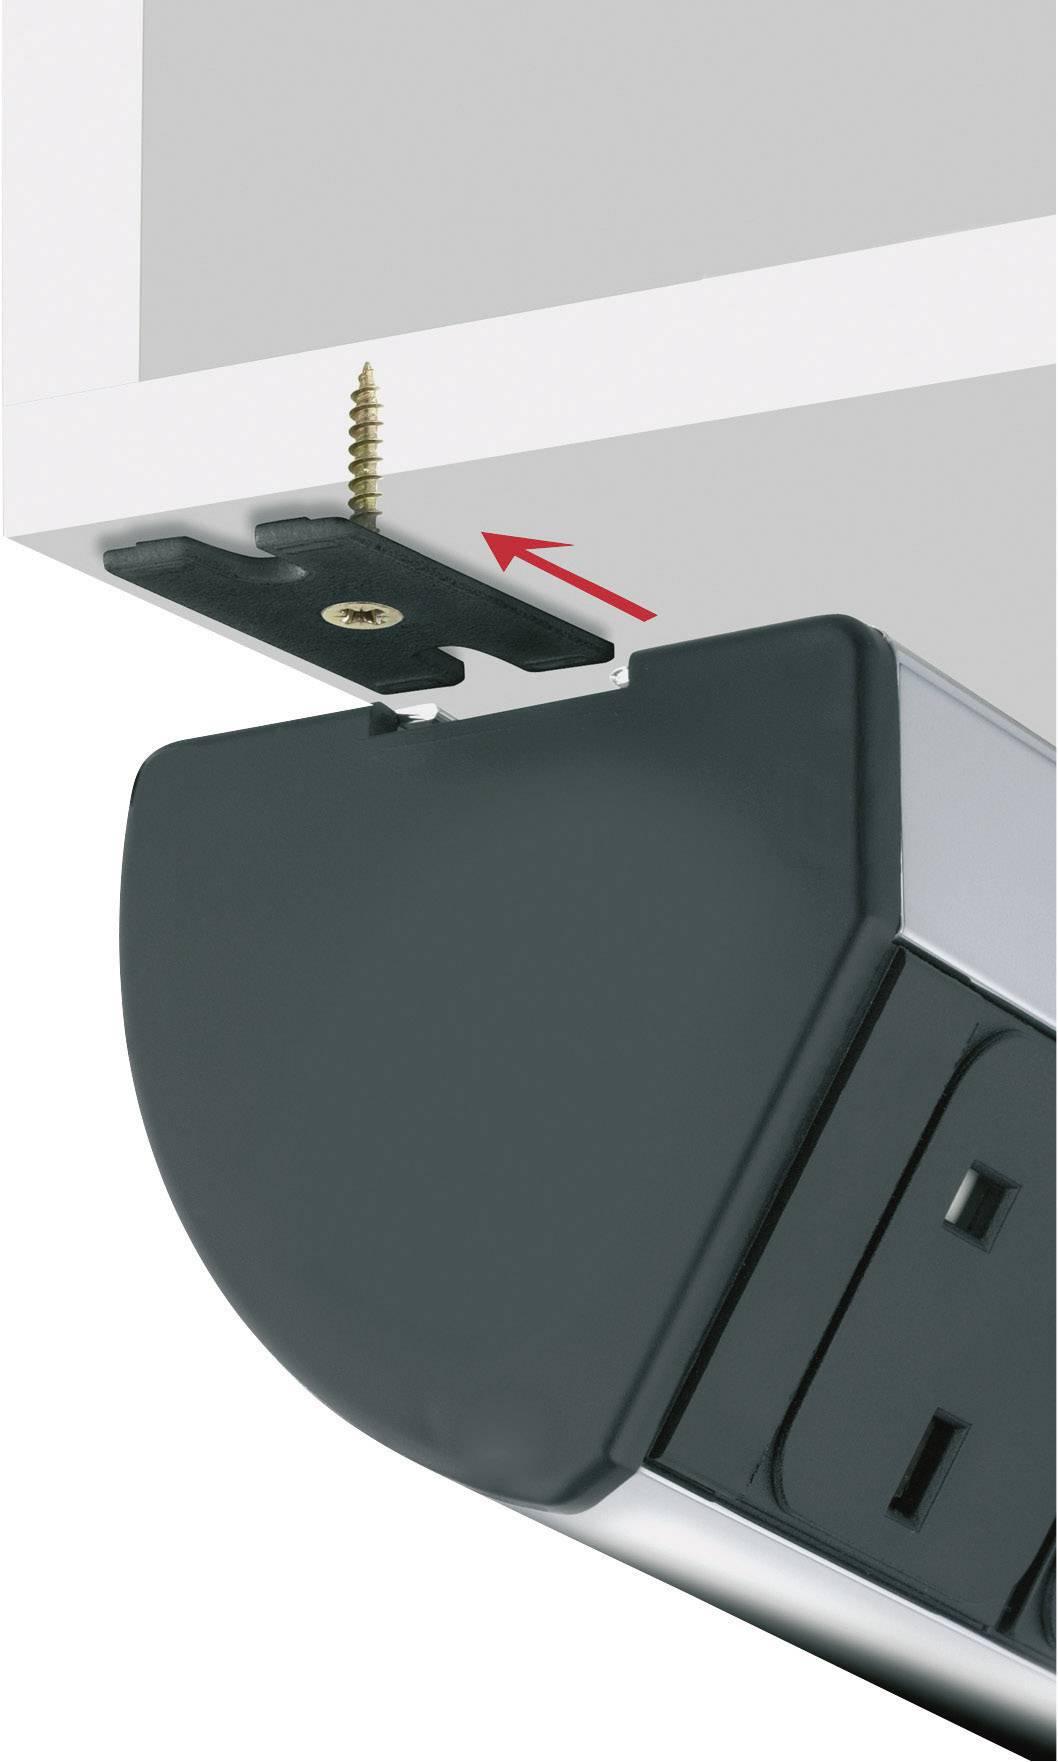 Sada úchytů pro montáž ze spodní části stolu Schulte Elektrotechnik, 99090383